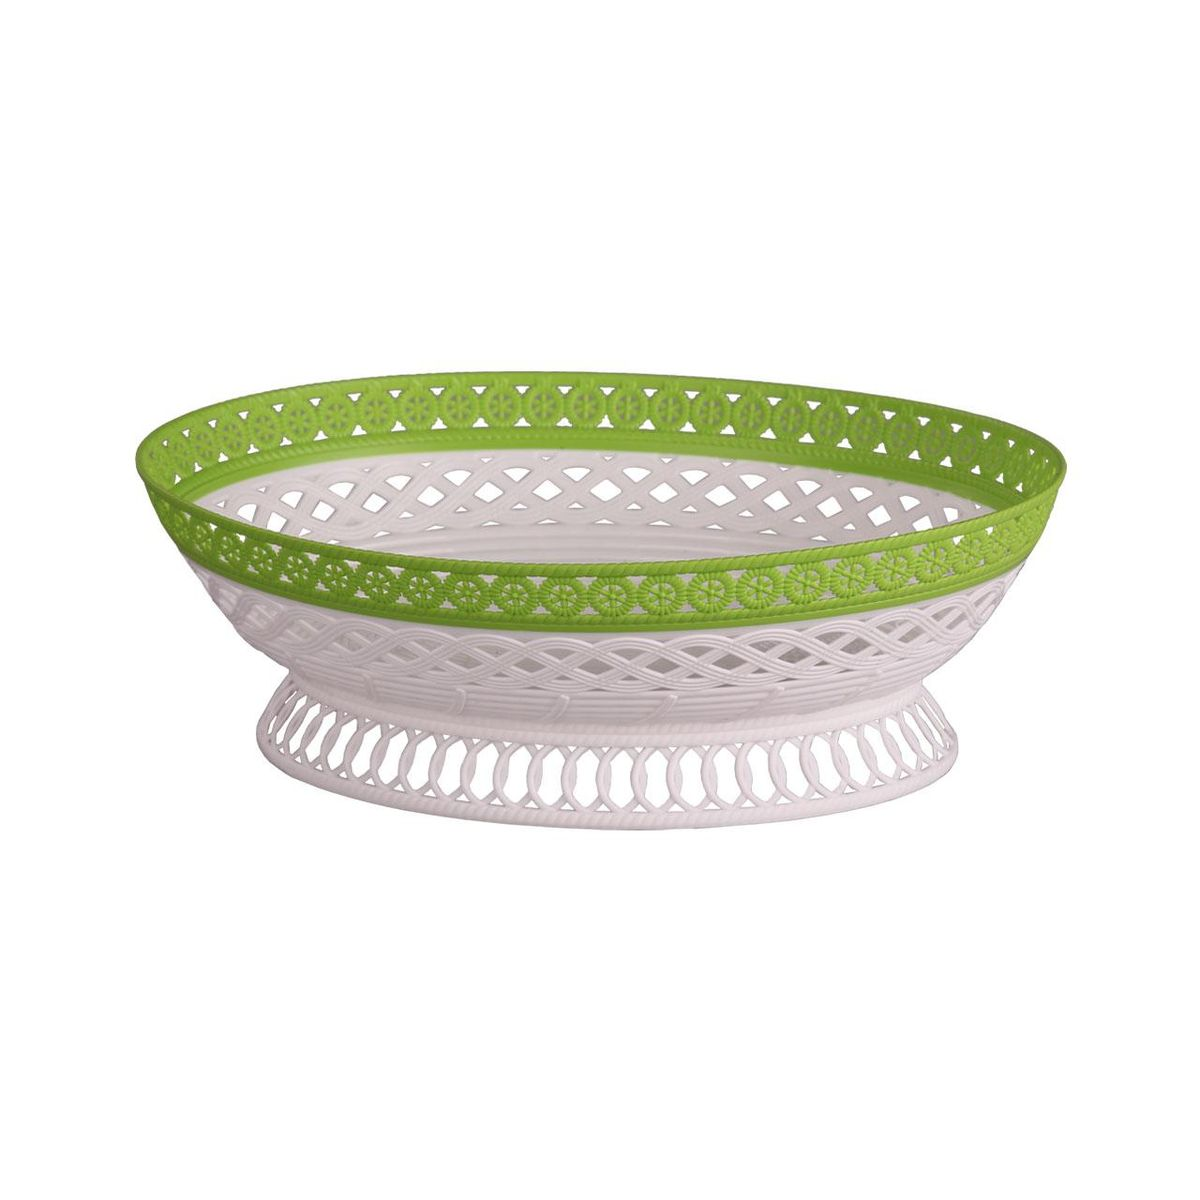 Сухарница Альтернатива Семь злаков люкс, цвет: белый, салатовый, 27 х 21,5 х 9 смМ4469Сухарница Альтернатива Семь злаков люкс выполнена из высококачественного пластика и декорирована перфорацией. Изделие предназначено для красивой сервировки сухариков, конфет и другого угощения. Оригинальный дизайн, несомненно придется по вкусу вашим гостям.